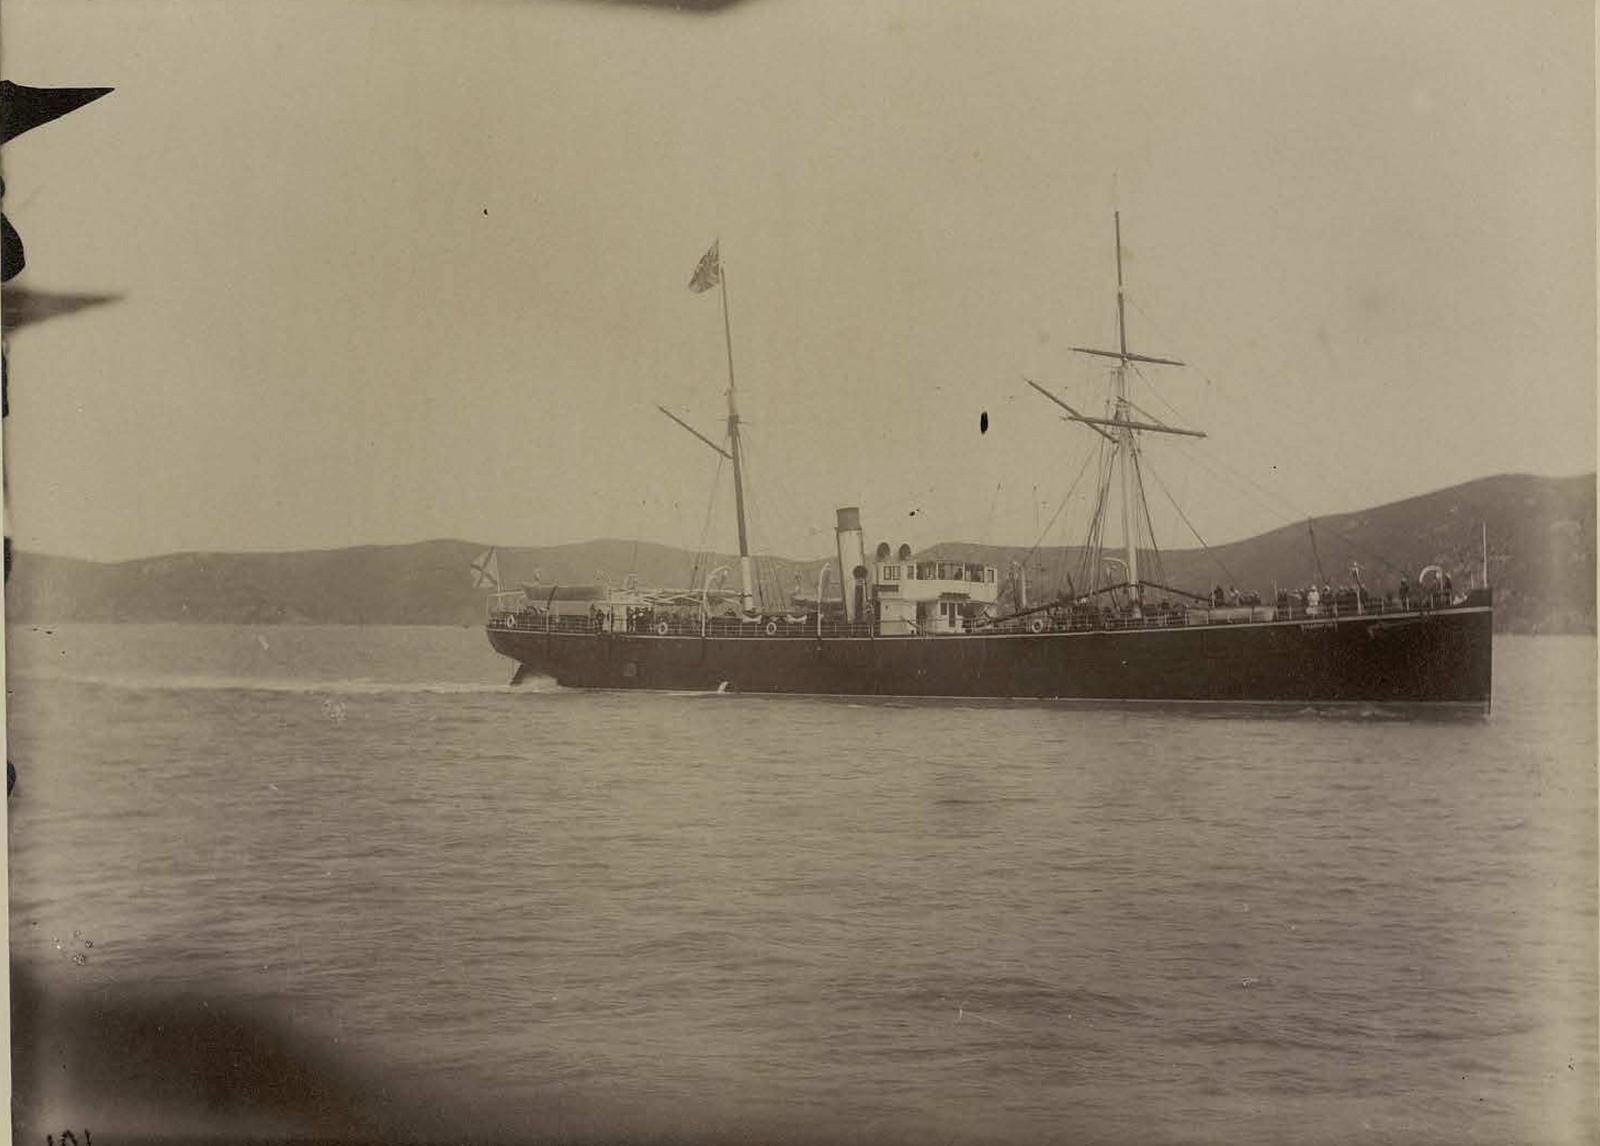 Пароход Добровольного флота Владивосток под флагом цесаревича идущий по портам Китая